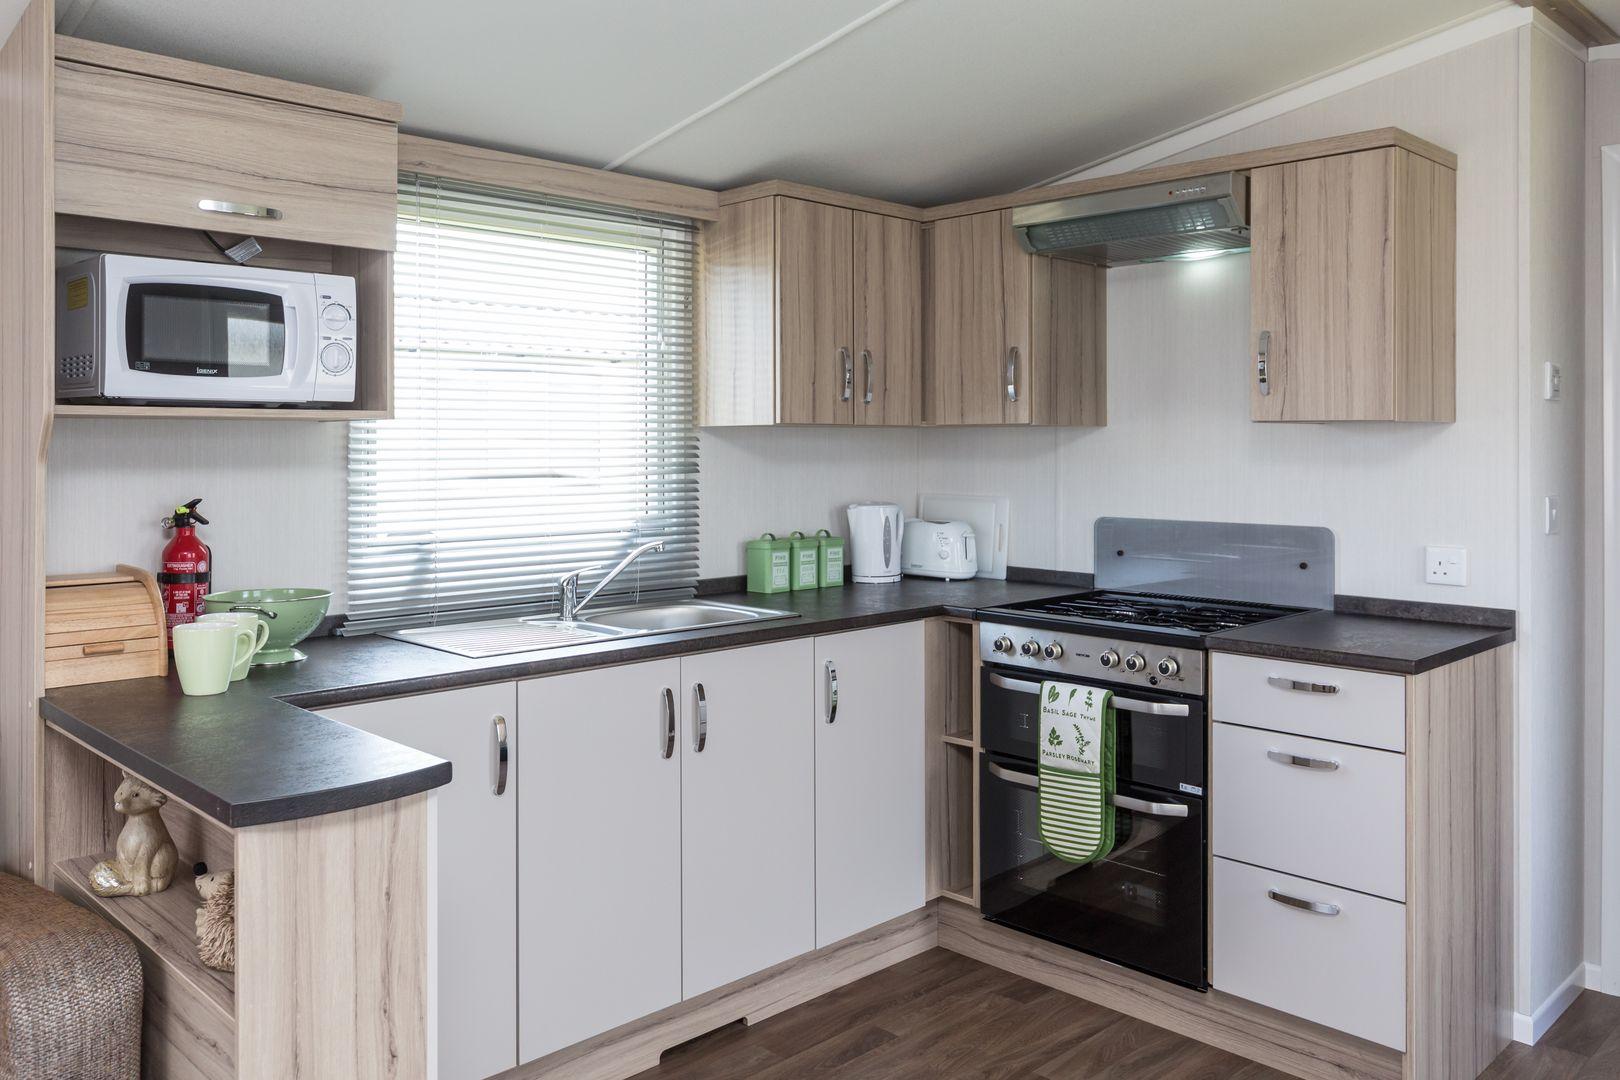 2 Bedroom Snowdrop Caravan, Pentire Coastal Holiday Park